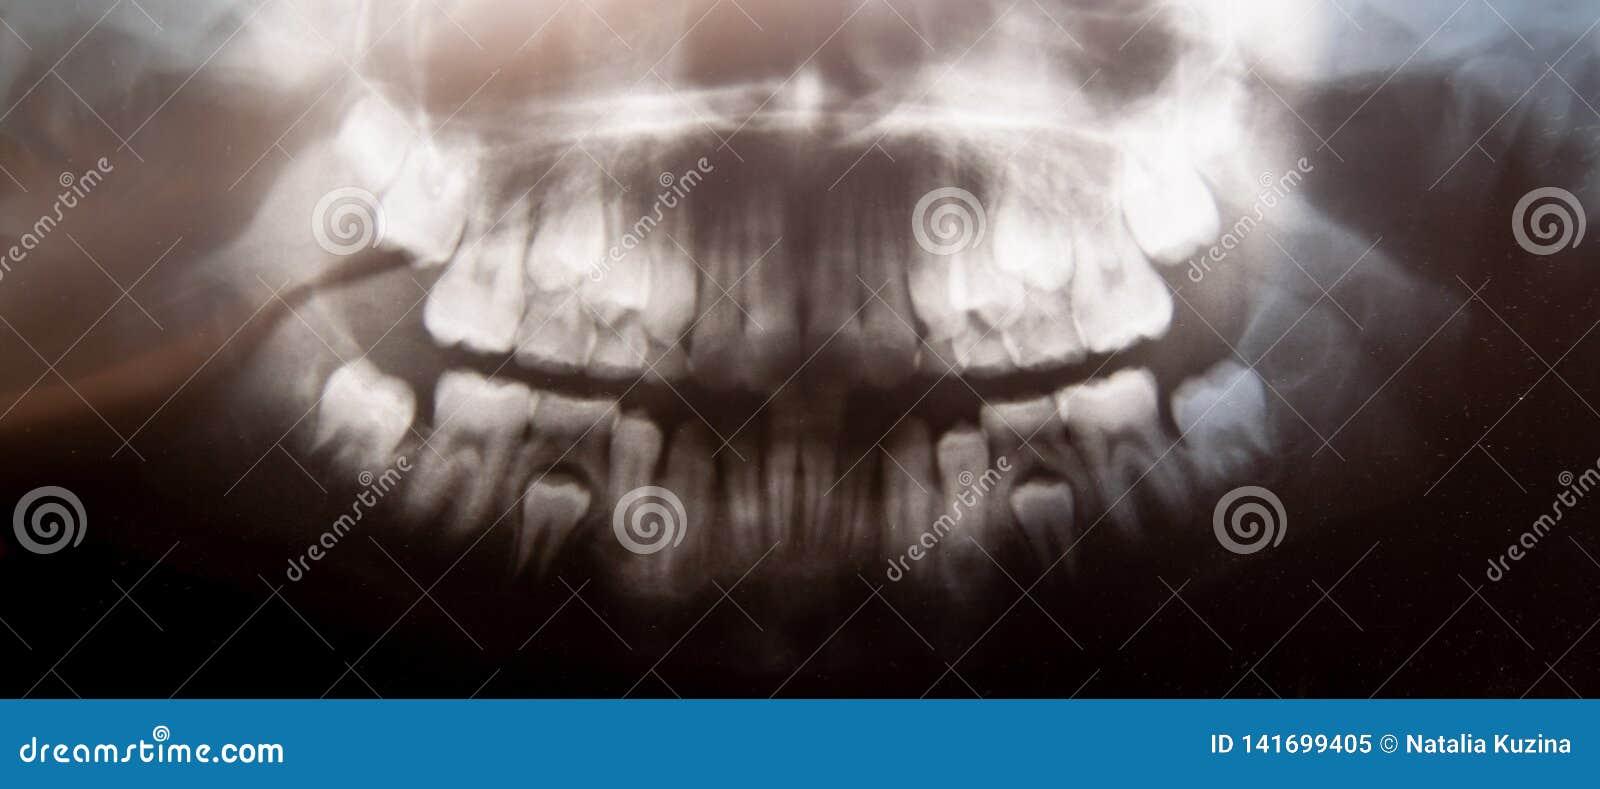 Panoramischer zahnmedizinischer Röntgenstrahl des Kinderfotos mit den Milchzähnen und den Viererzähnen Selektiver Fokus Gesundhei